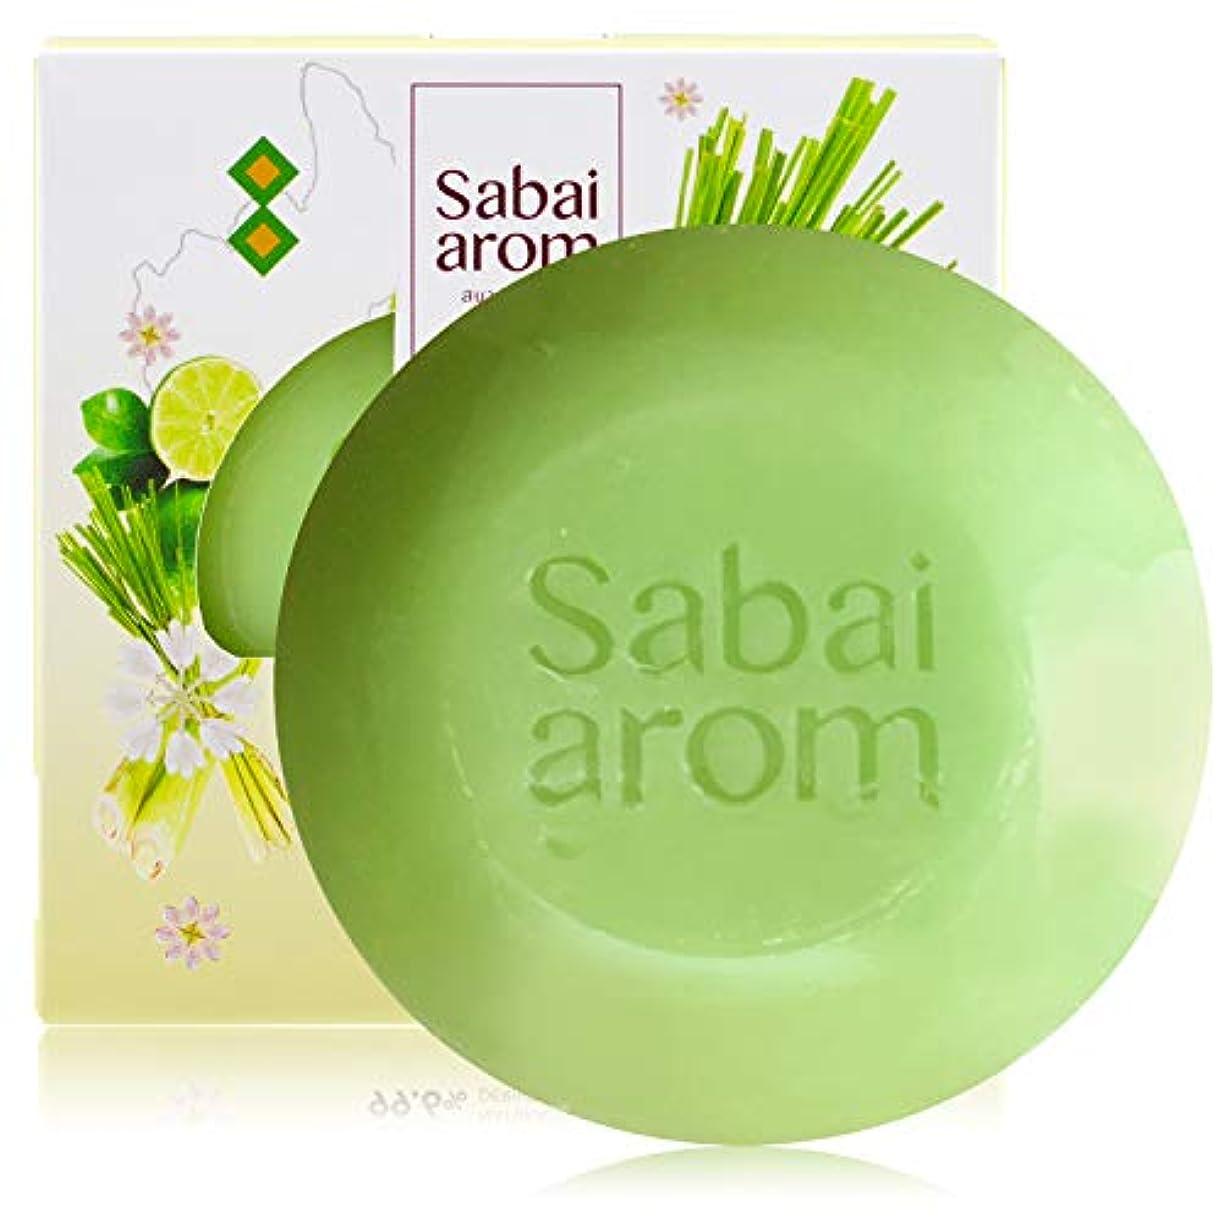 証人バウンス幅サバイアロム(Sabai-arom) レモングラス フェイス&ボディソープバー (石鹸) 100g【LMG】【001】